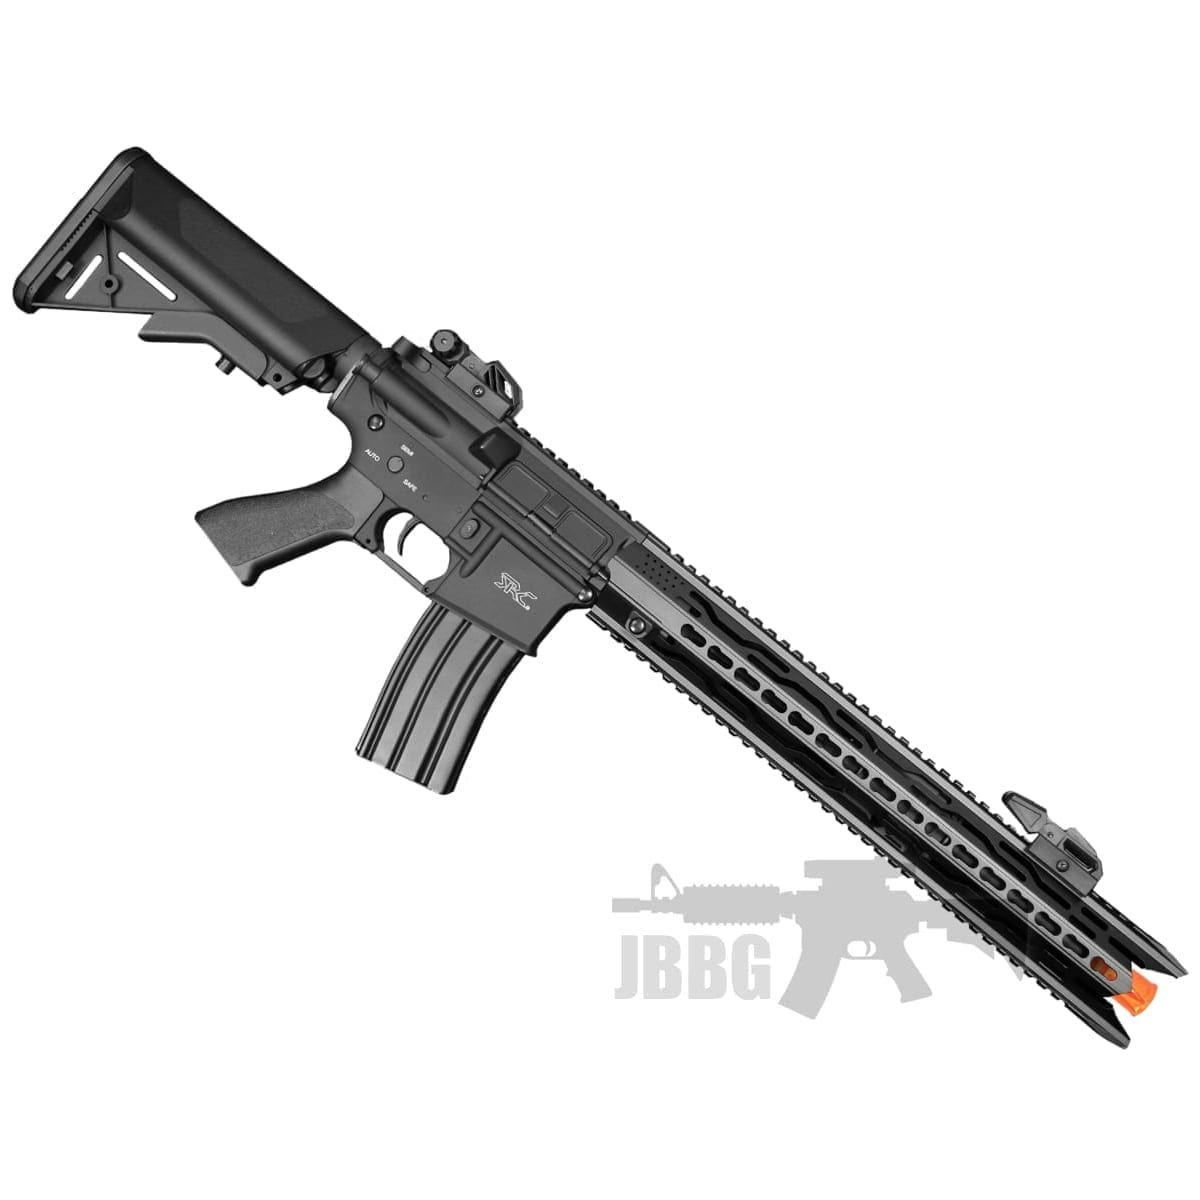 mamba airsoft gun